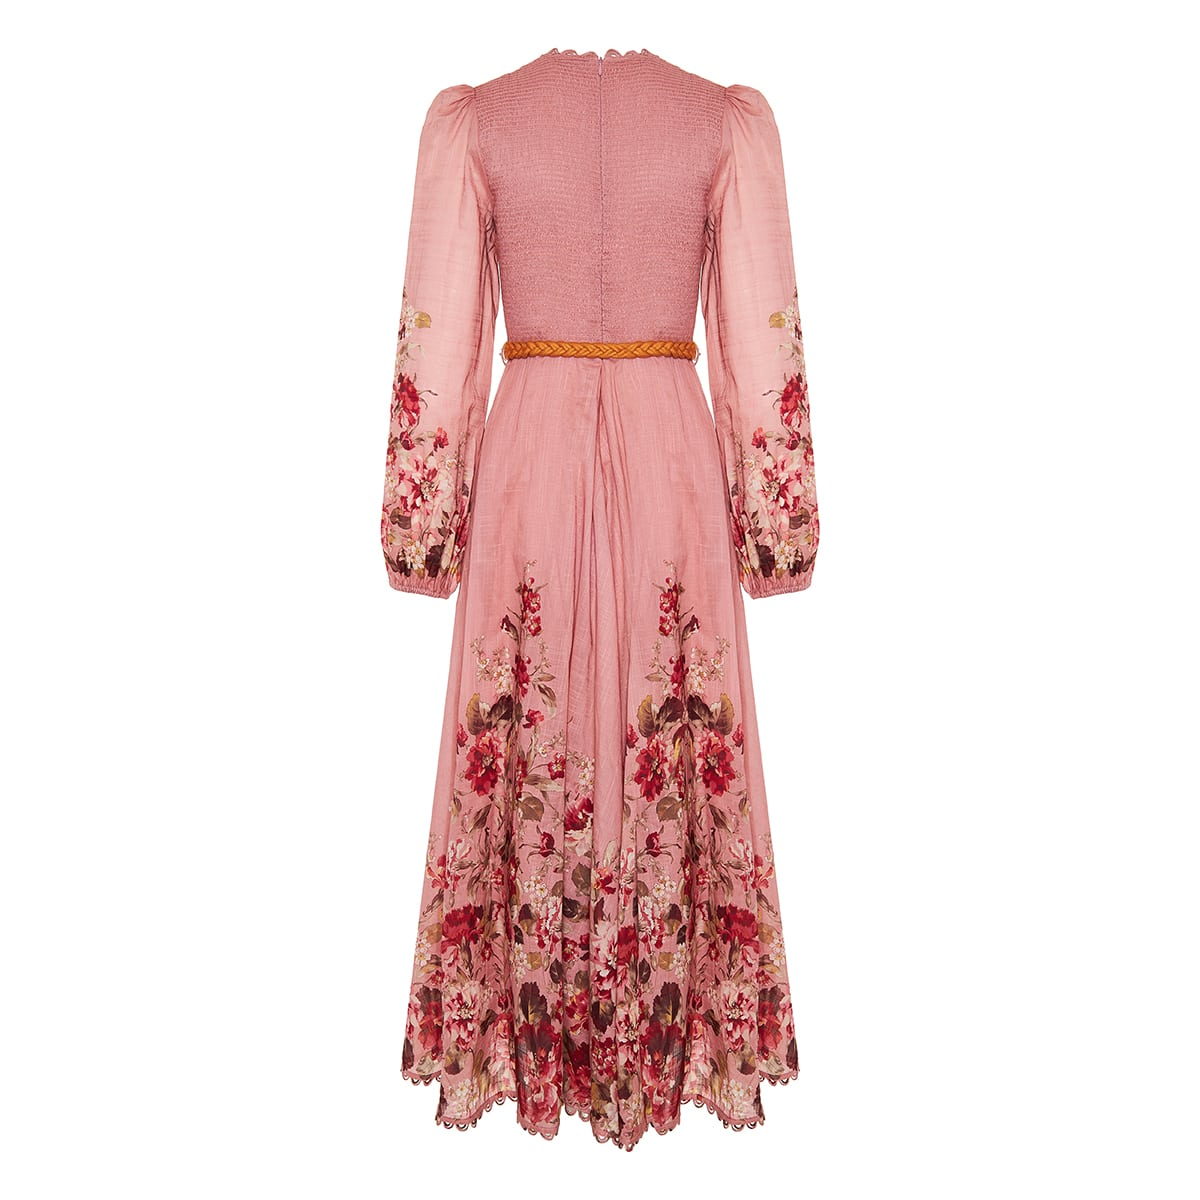 Cassia floral cotton midi dress